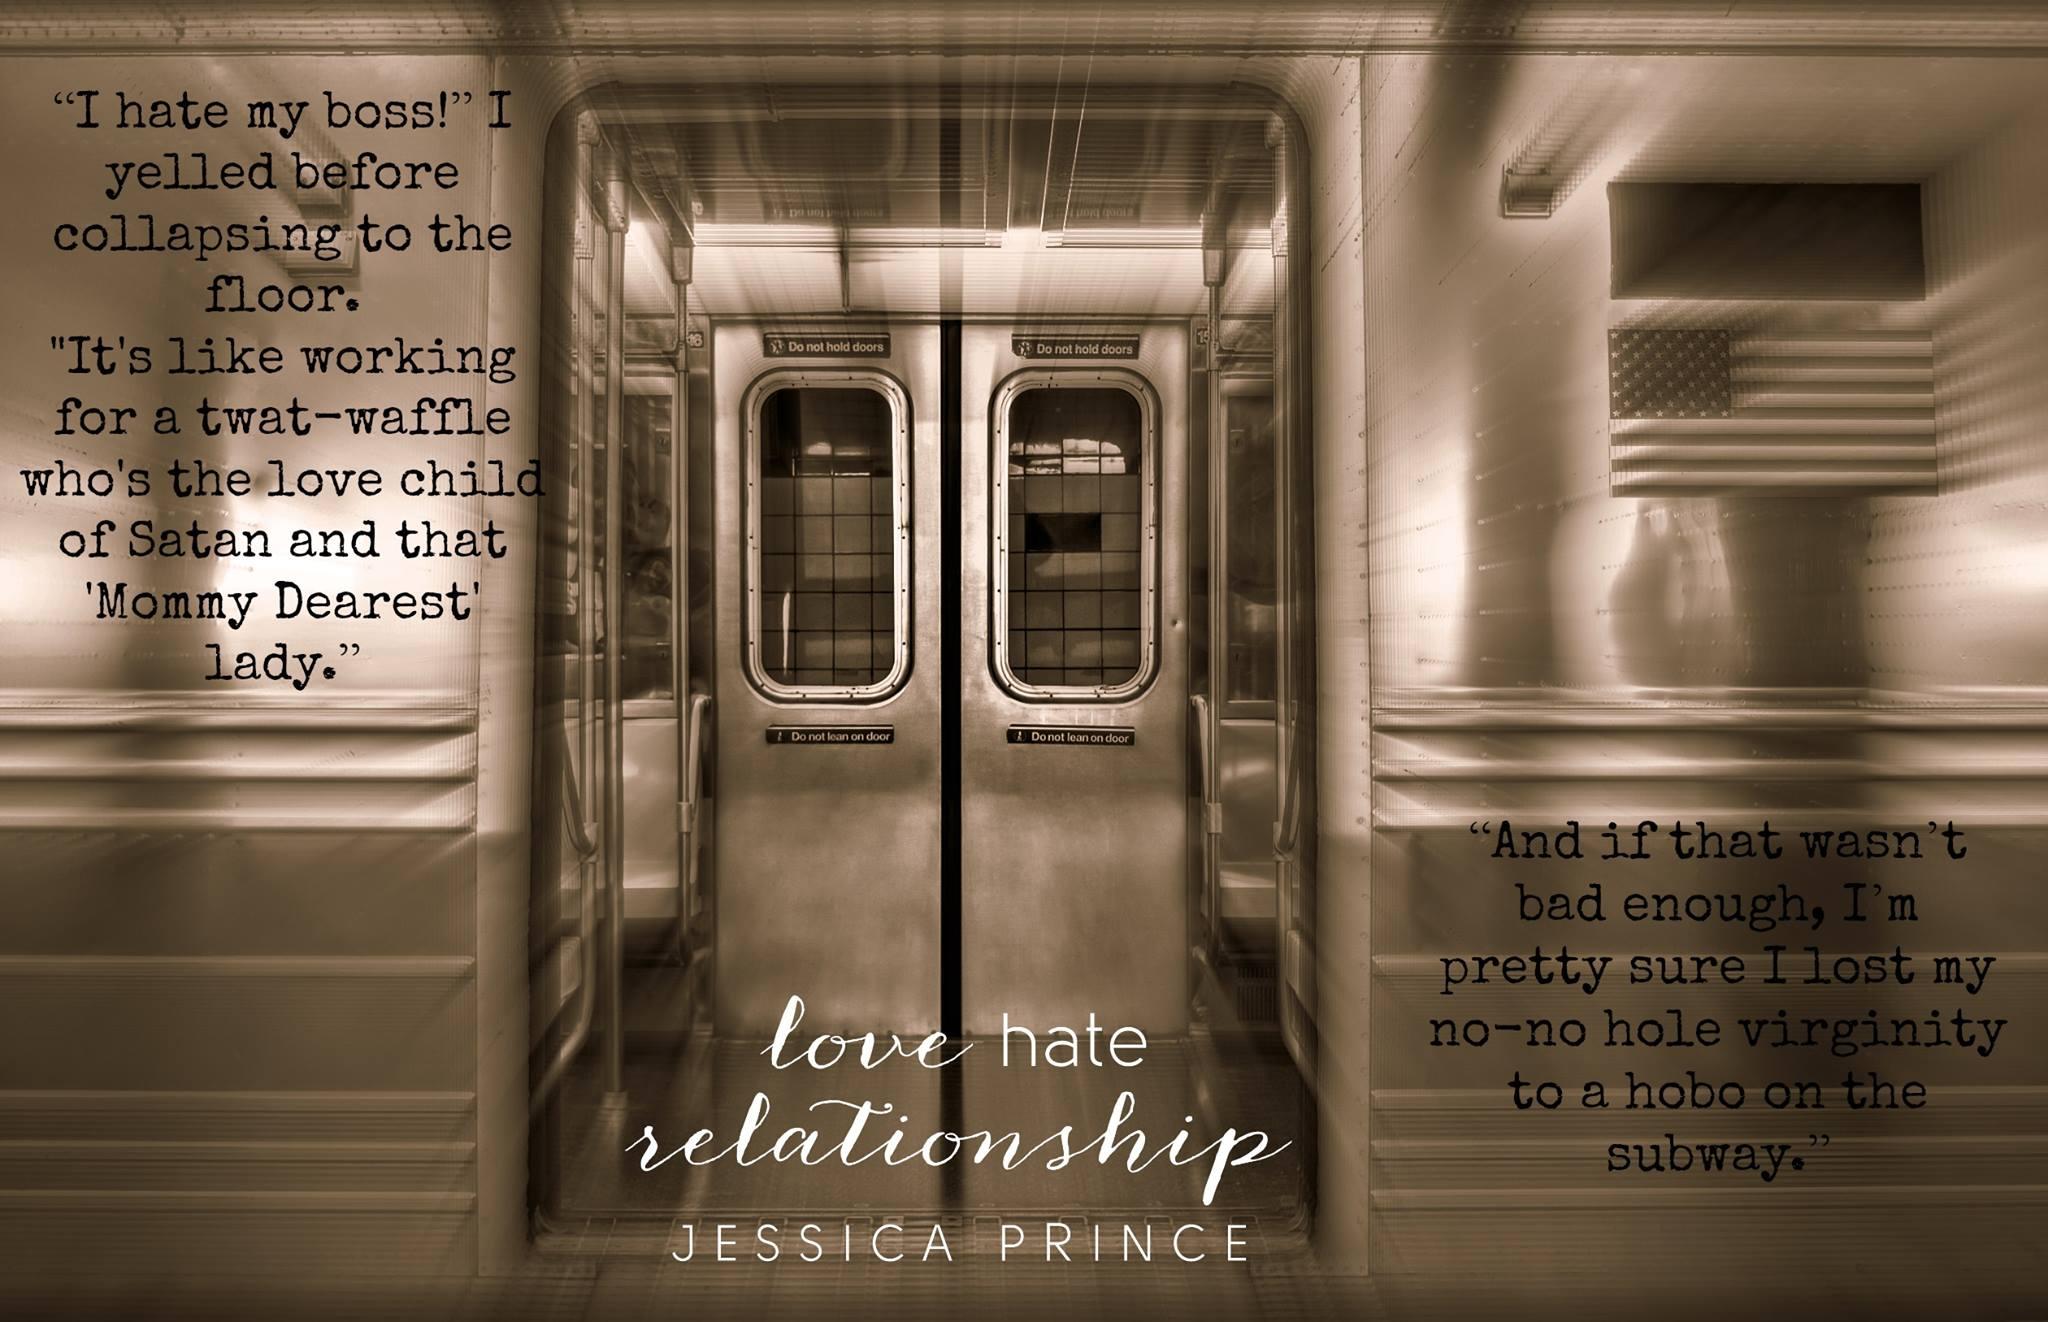 Love Hate Relationship Teaser #2